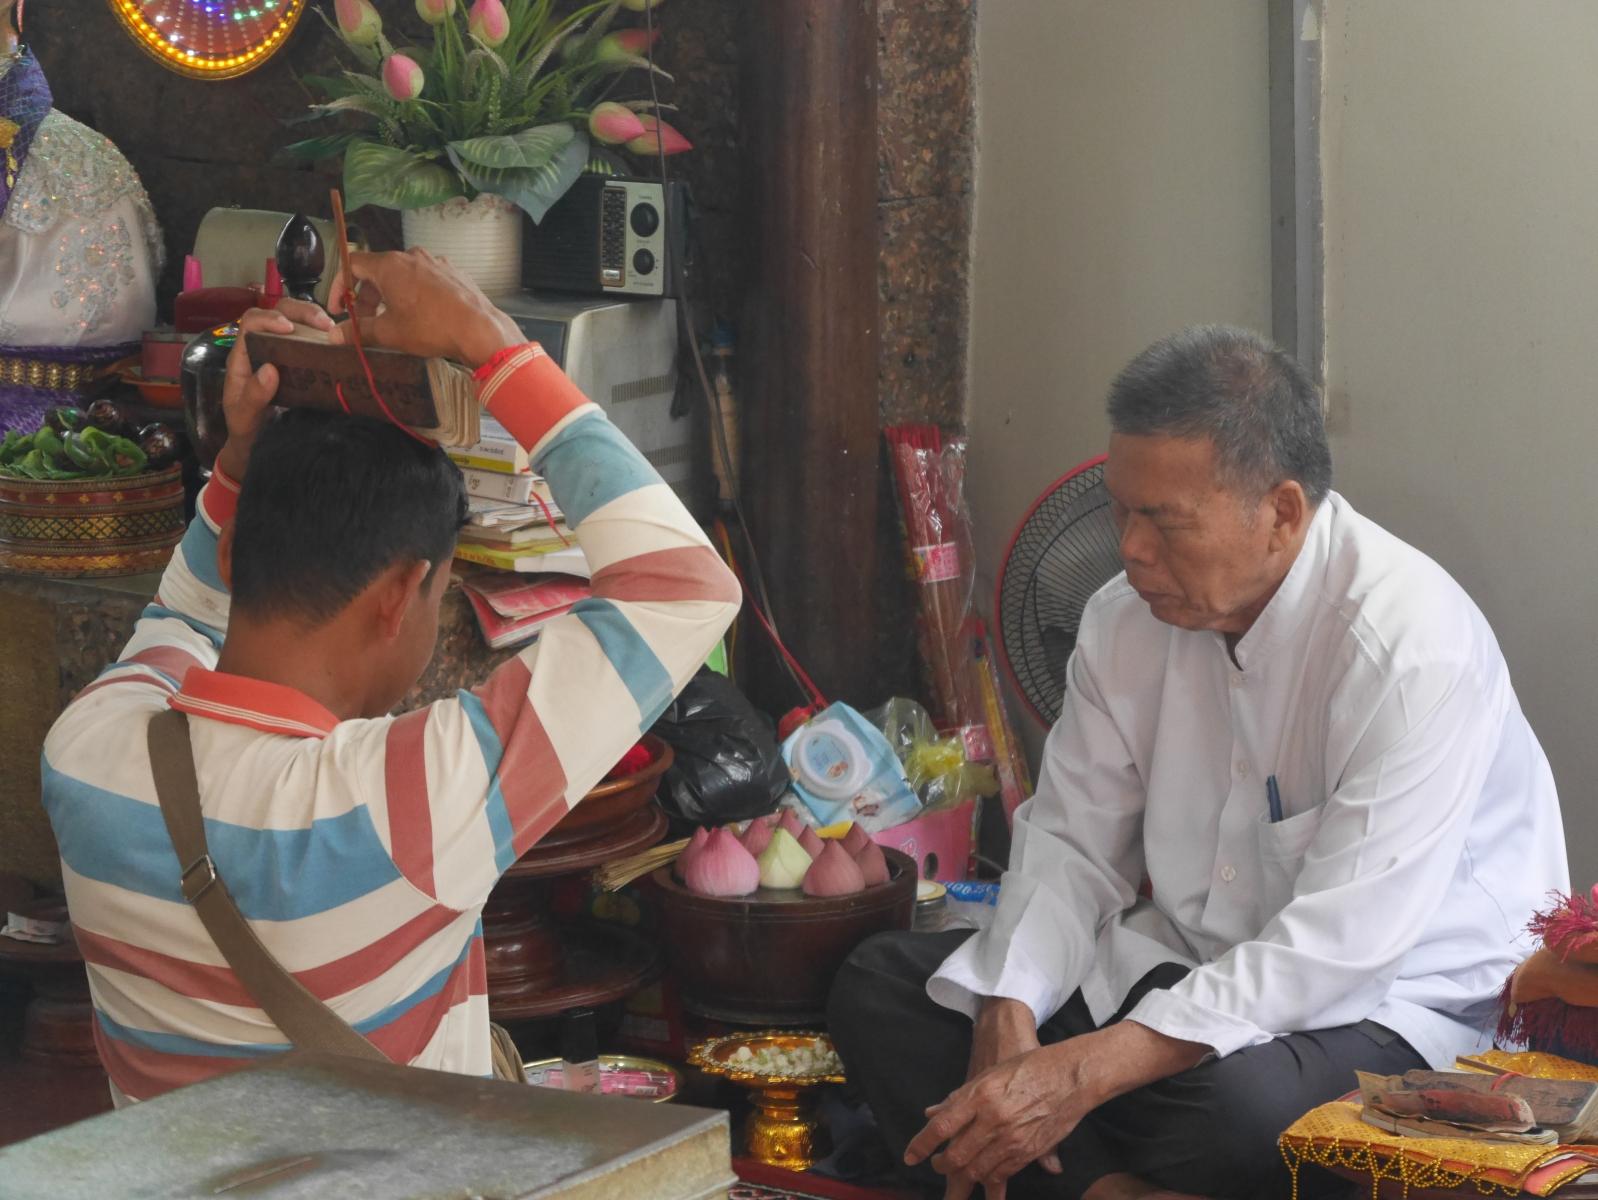 In einem Tempel findet ein Ratsuchender traditionelle Unterstützung. Ein Wahrsager deutet ihm die Textstelle, die auf seine Frage Antwort gegen soll.